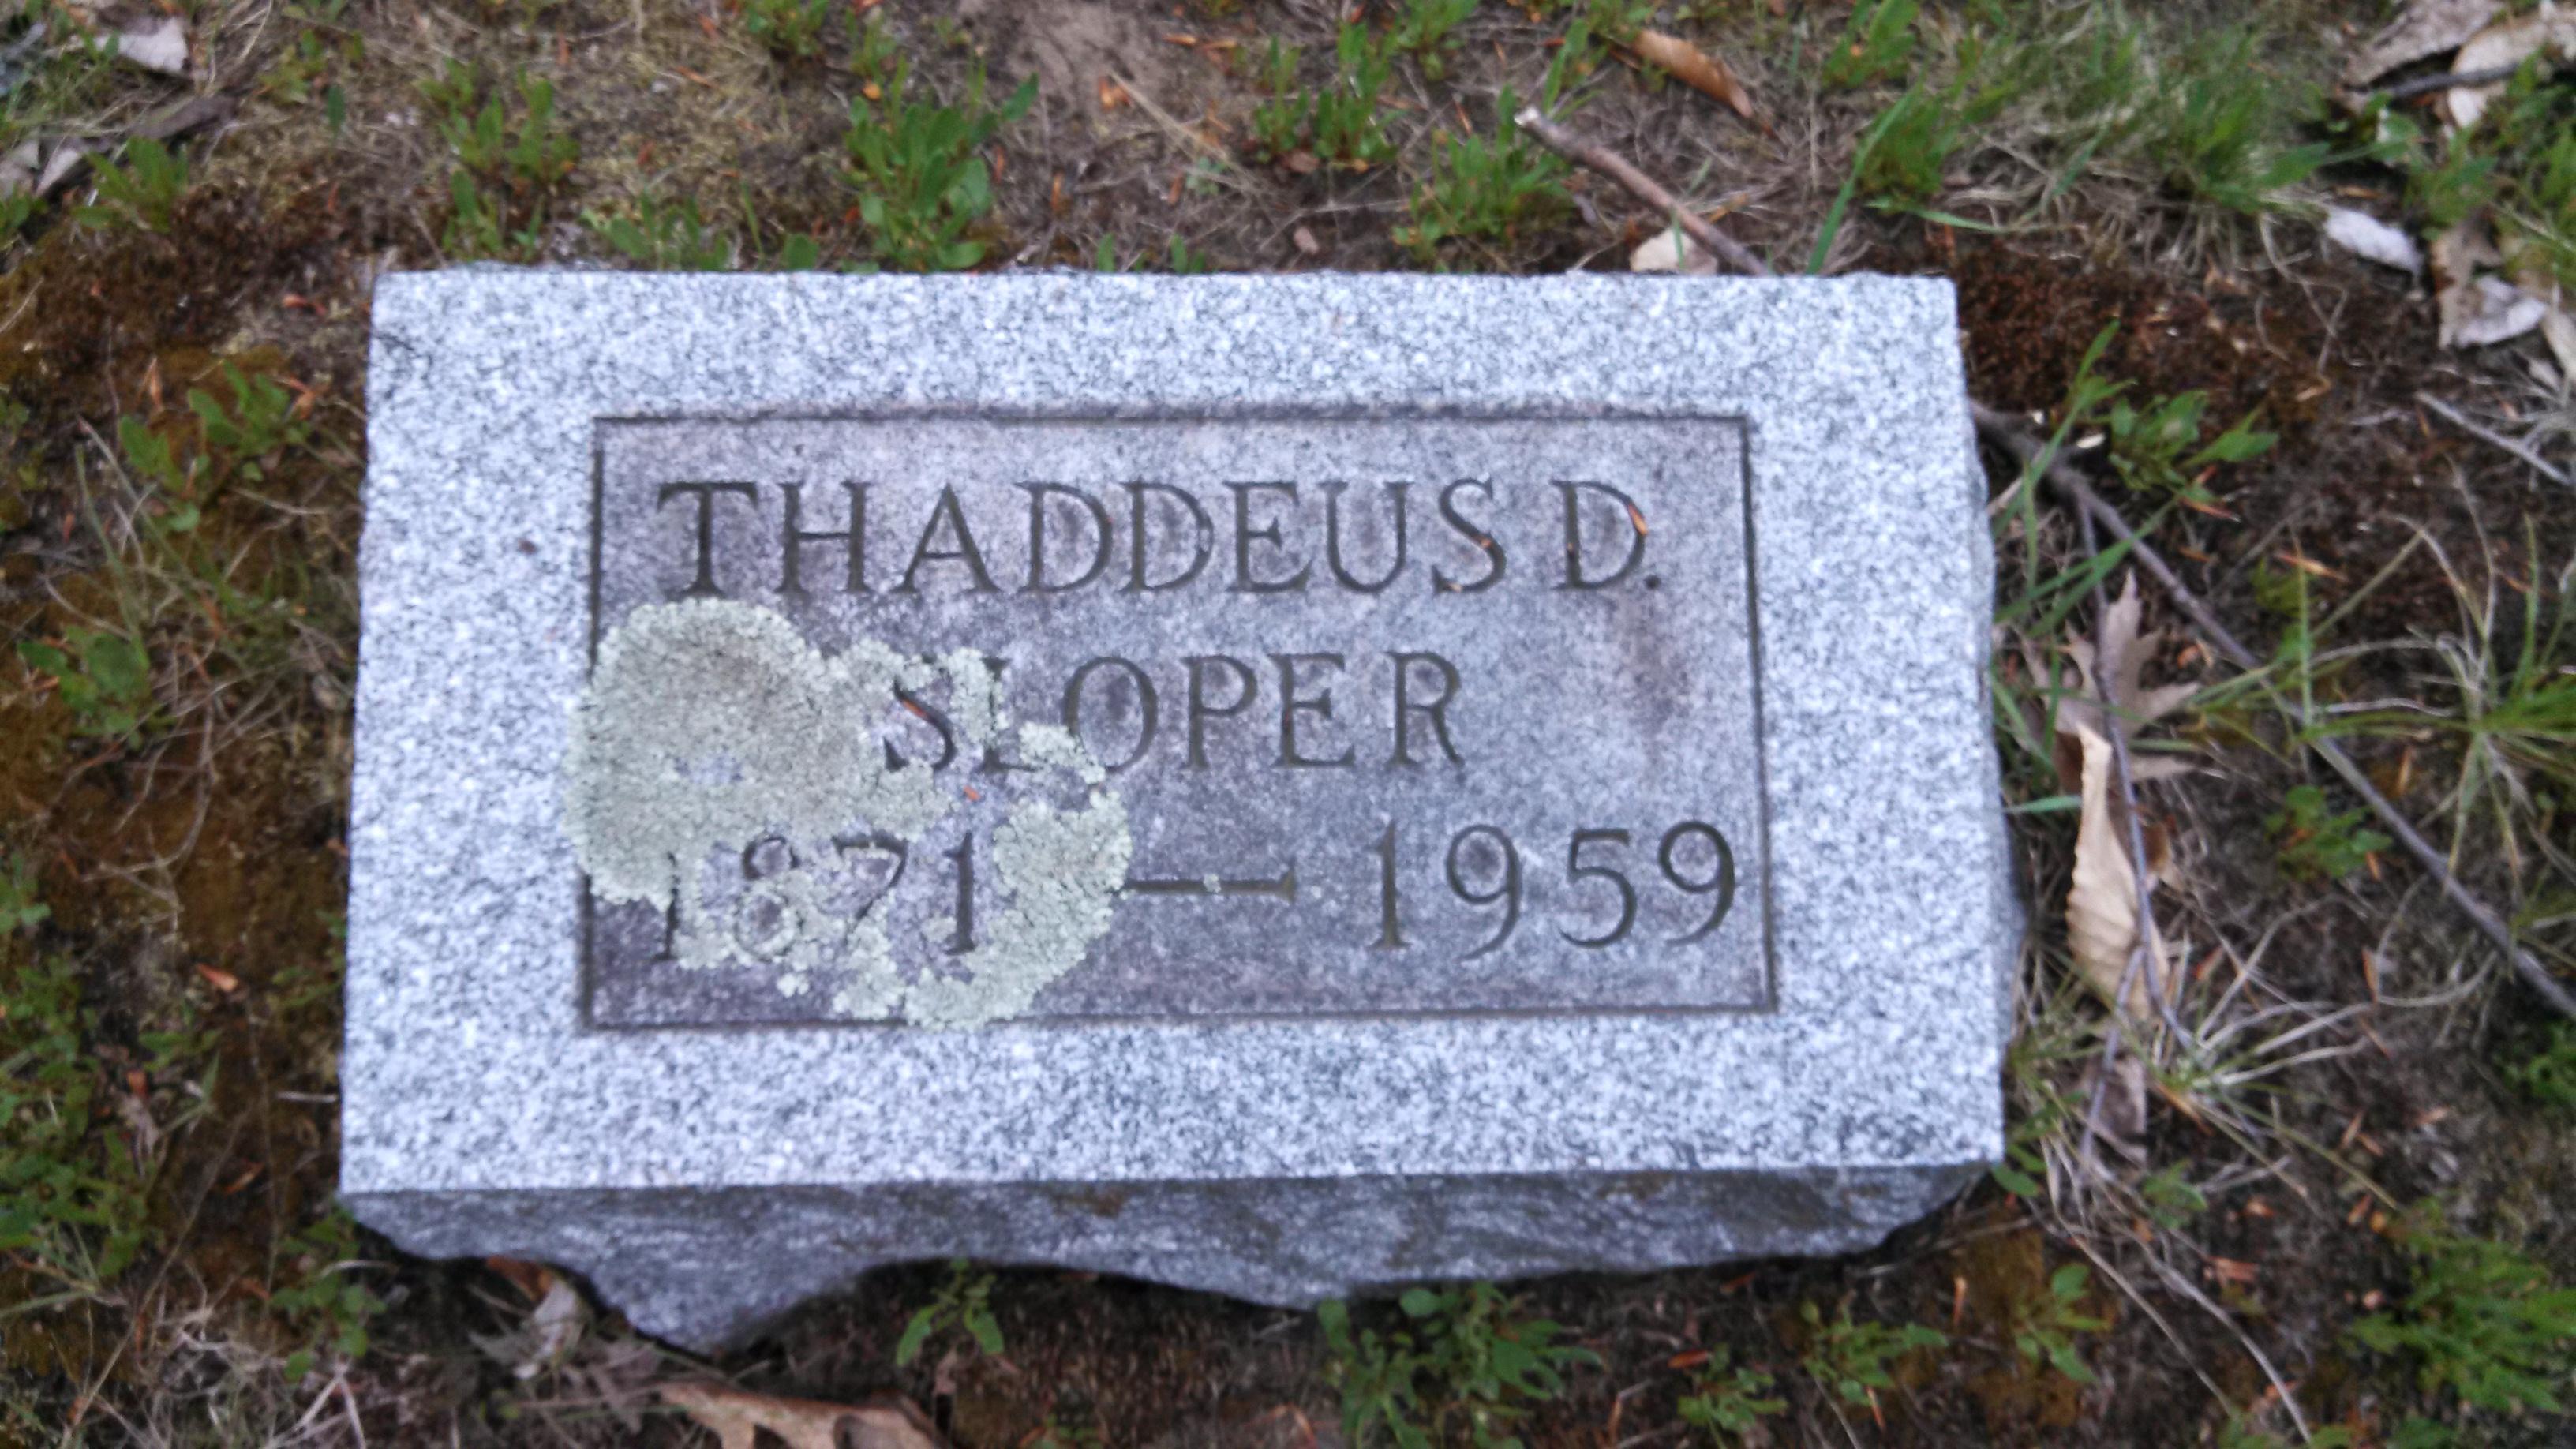 Thaddeus D. Sloper